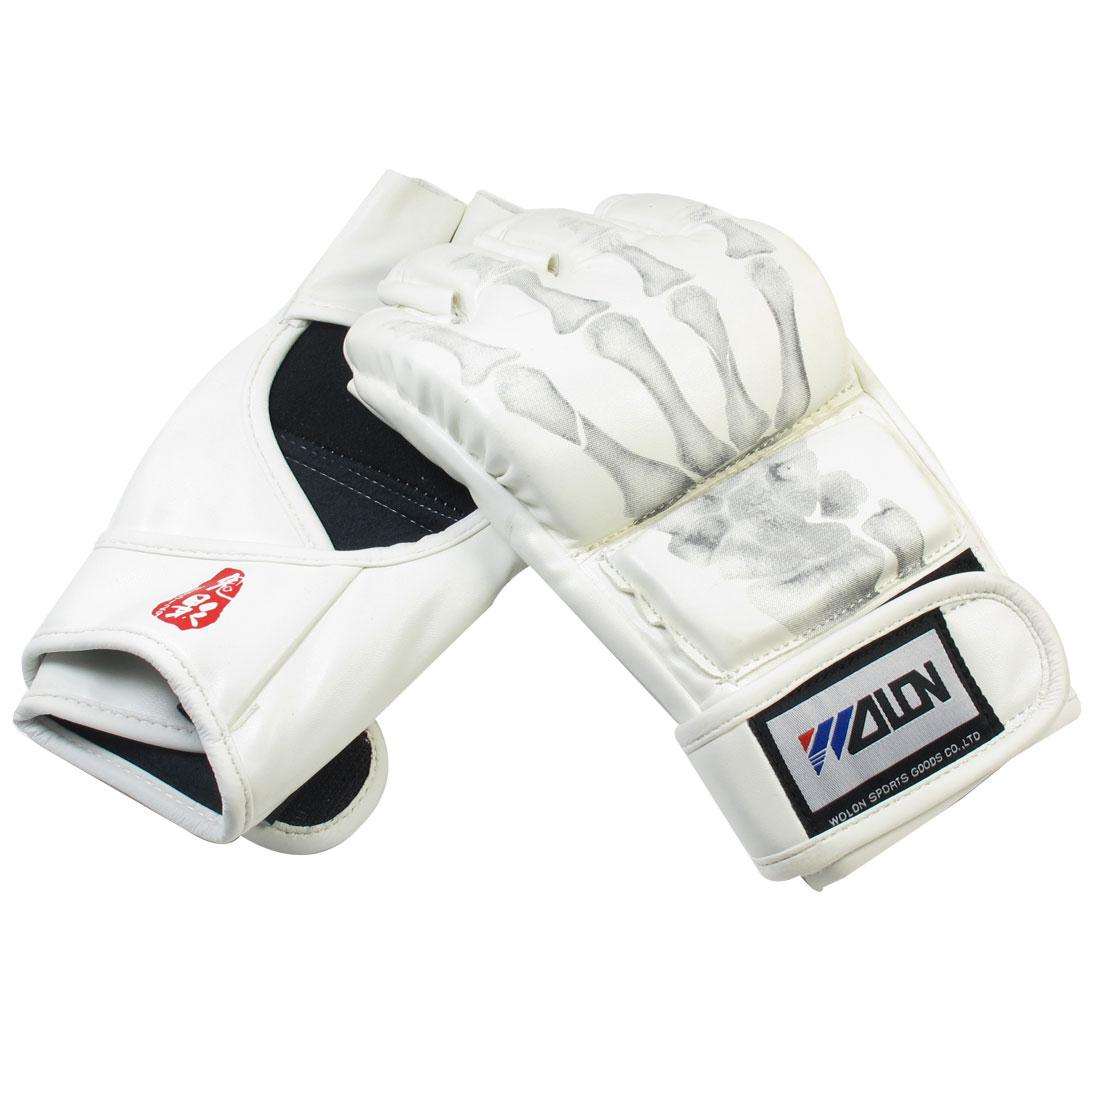 Gray Skeleton fingers Print Padded PU Mittens Boxing Half Finger Gloves White